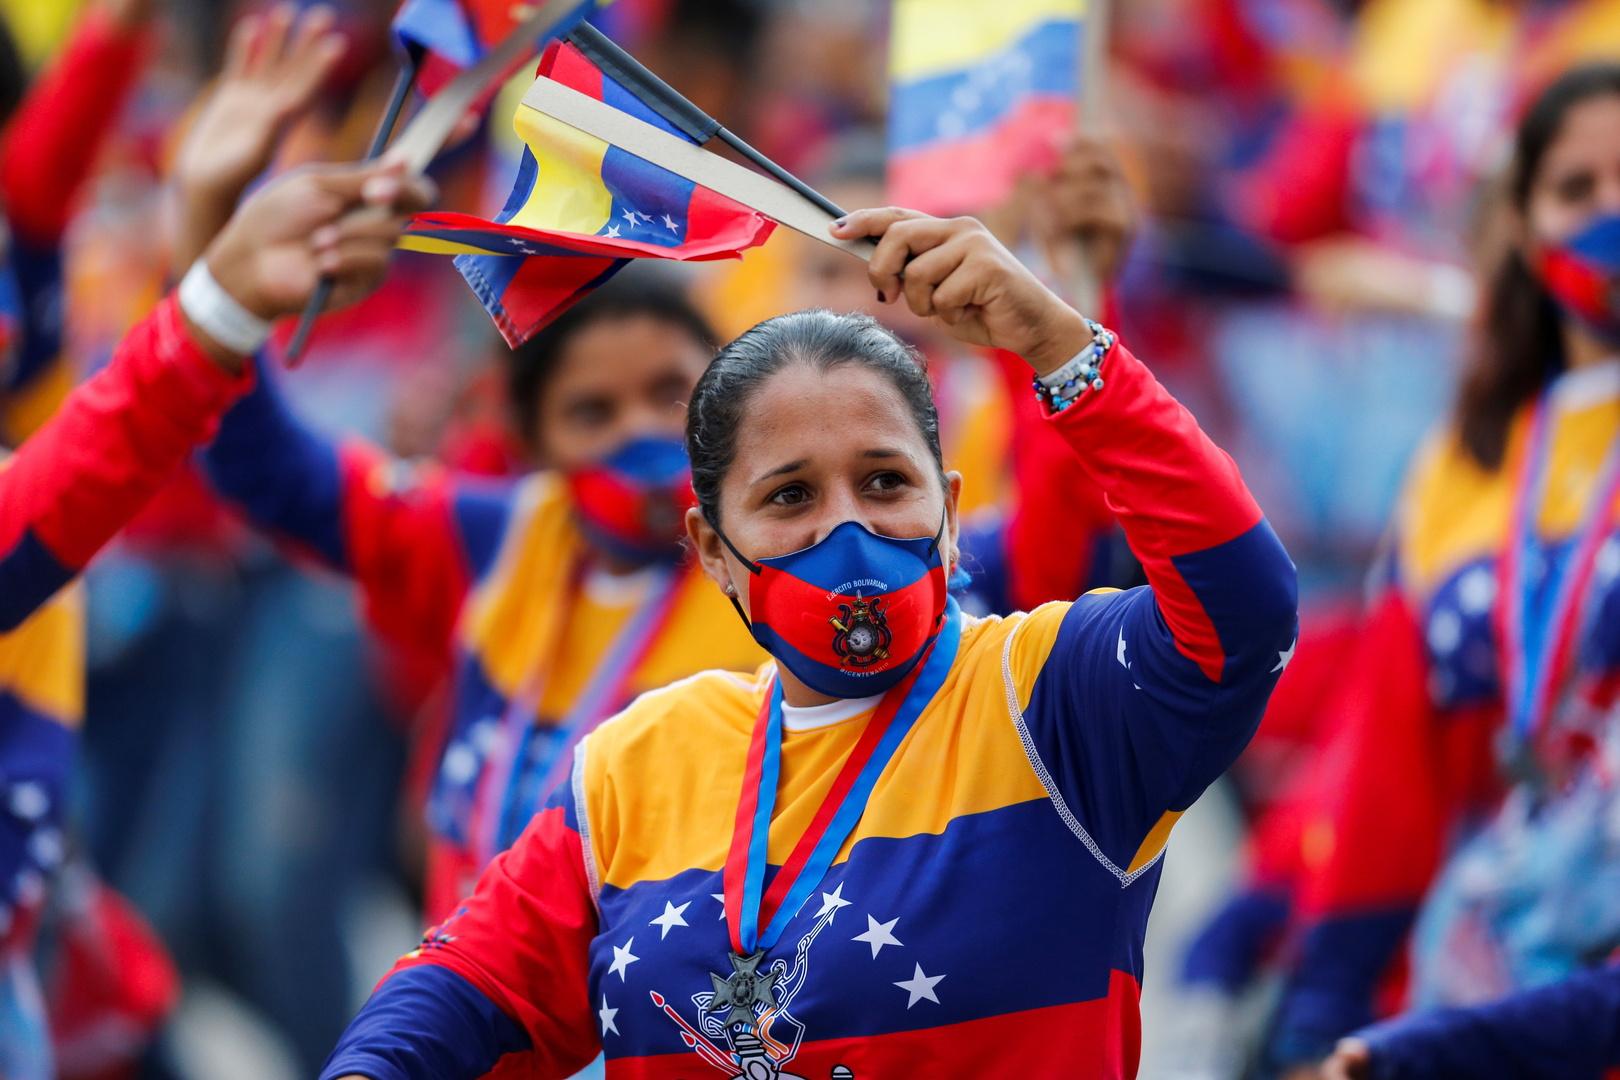 الولايات المتحدة والاتحاد الأوروبي وكندا يحددون شروطهم لإعادة النظر في العقوبات ضد فنزويلا